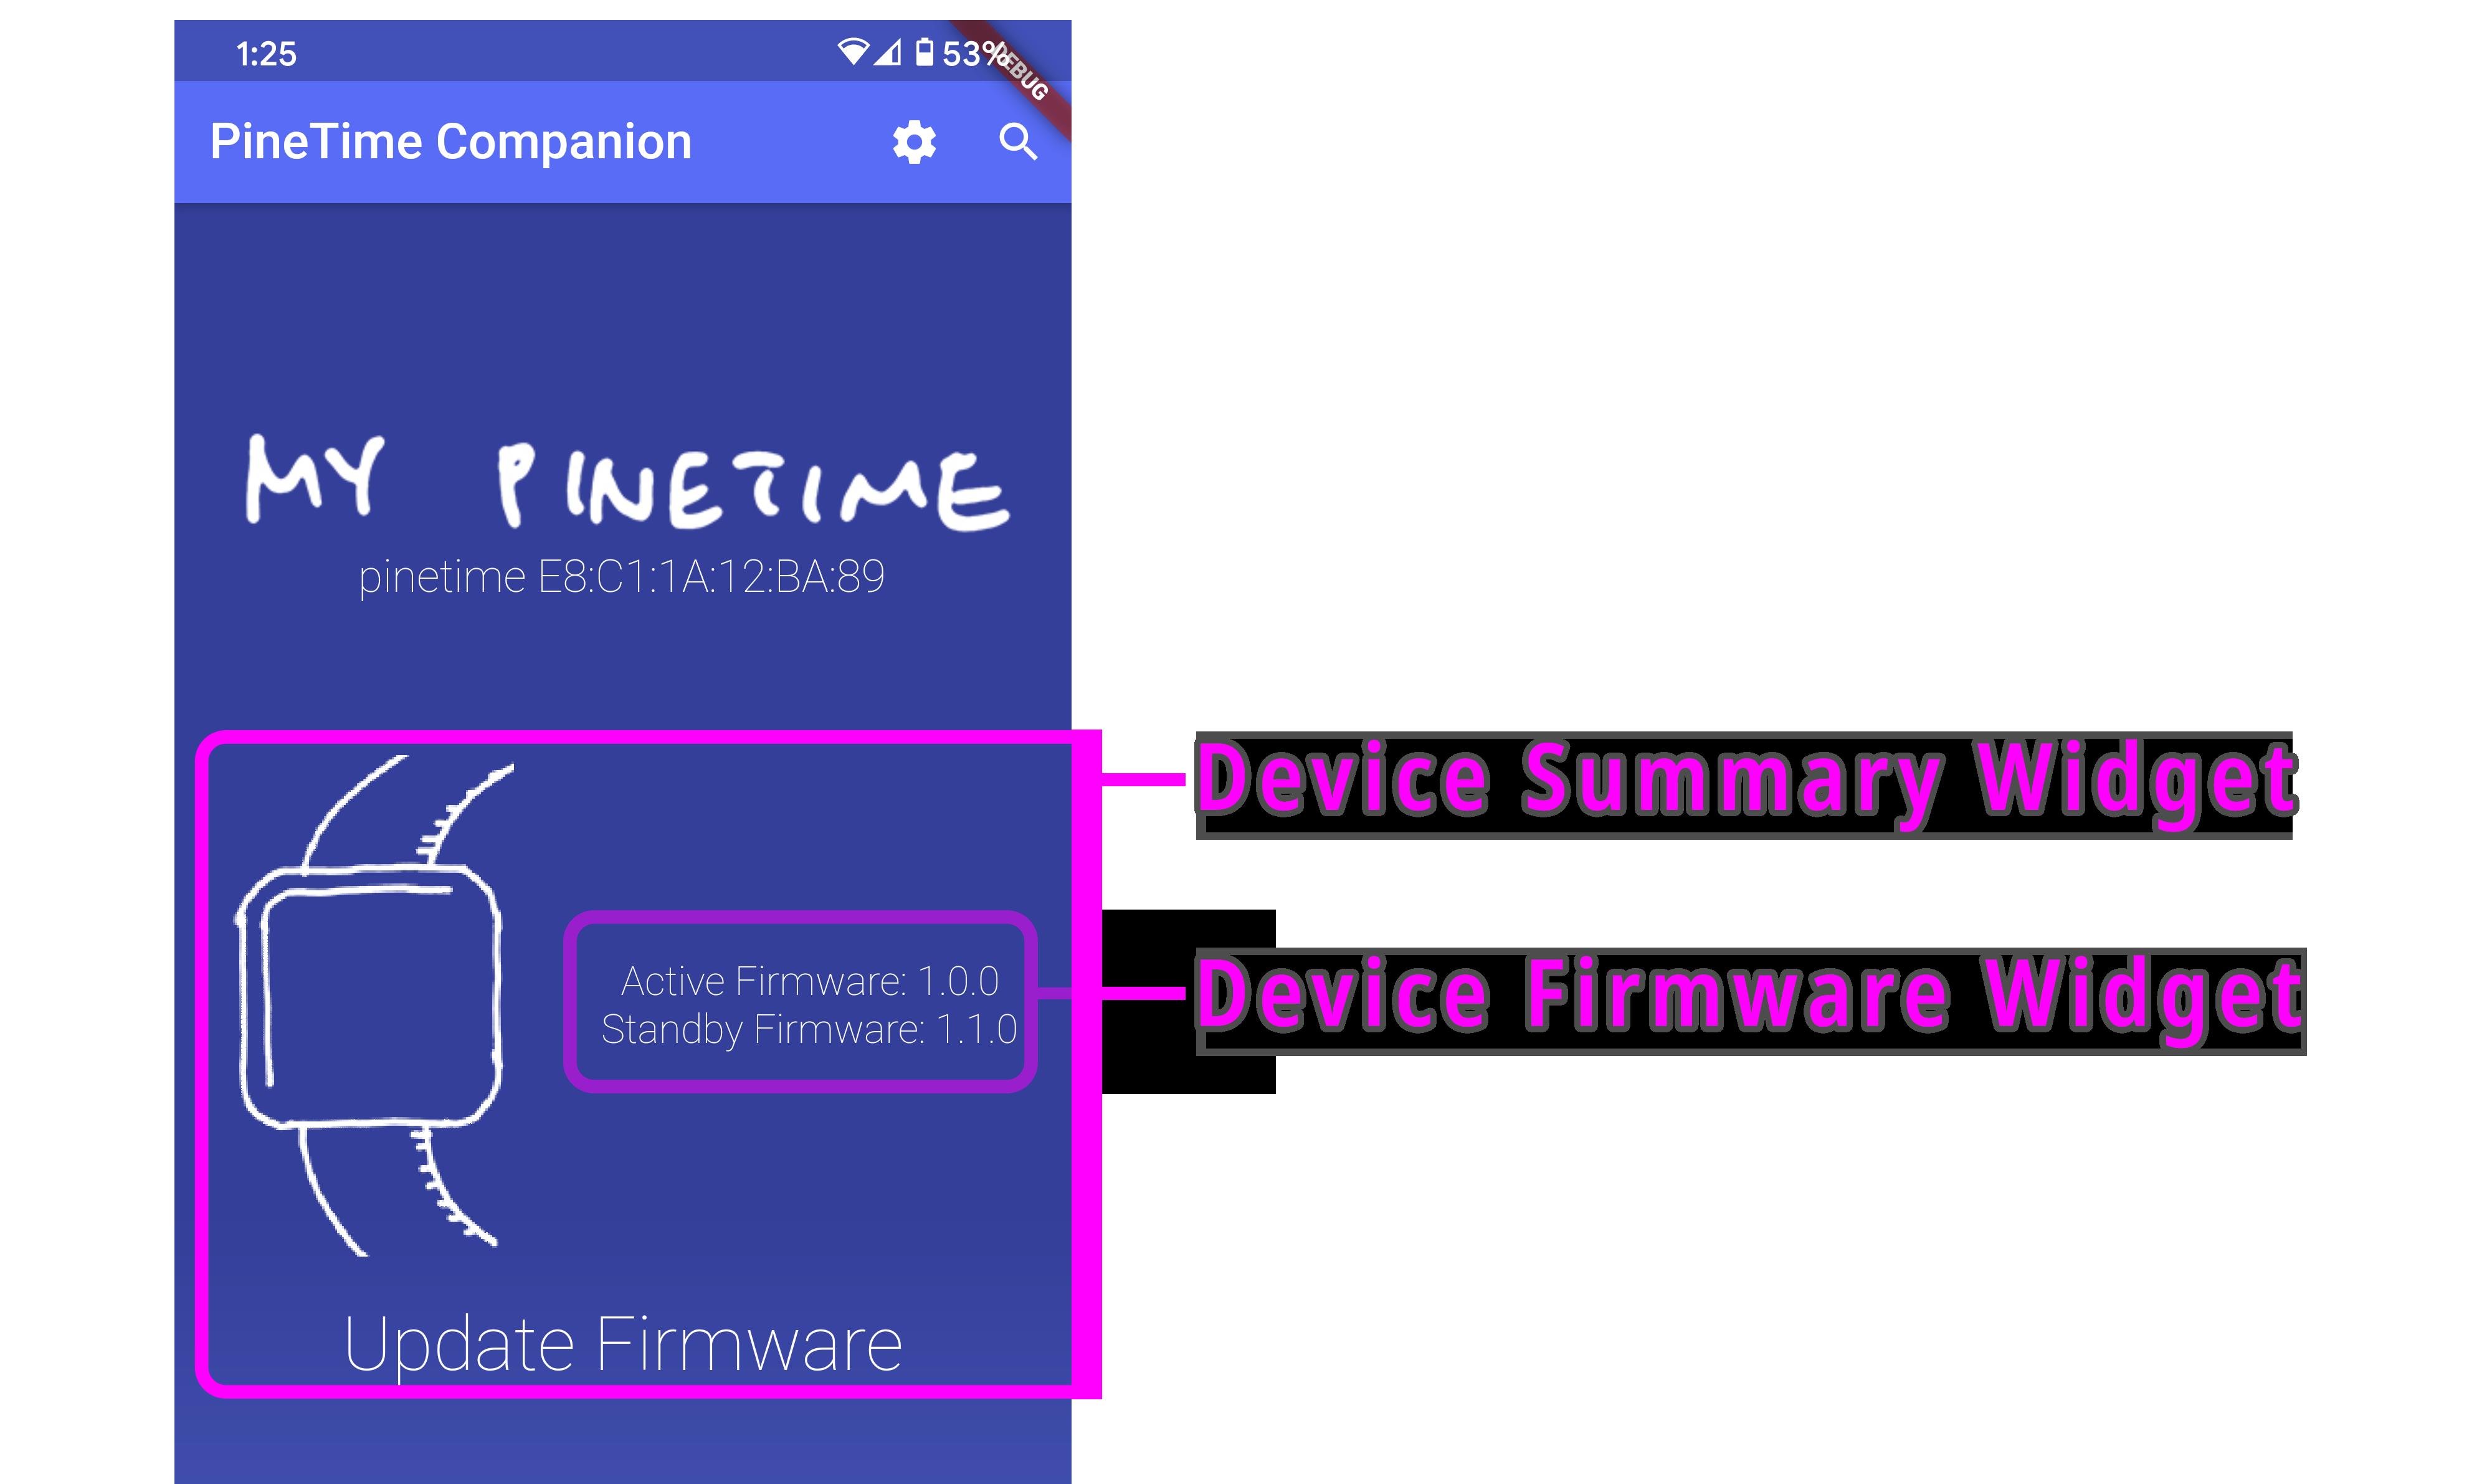 Device Summary Widget